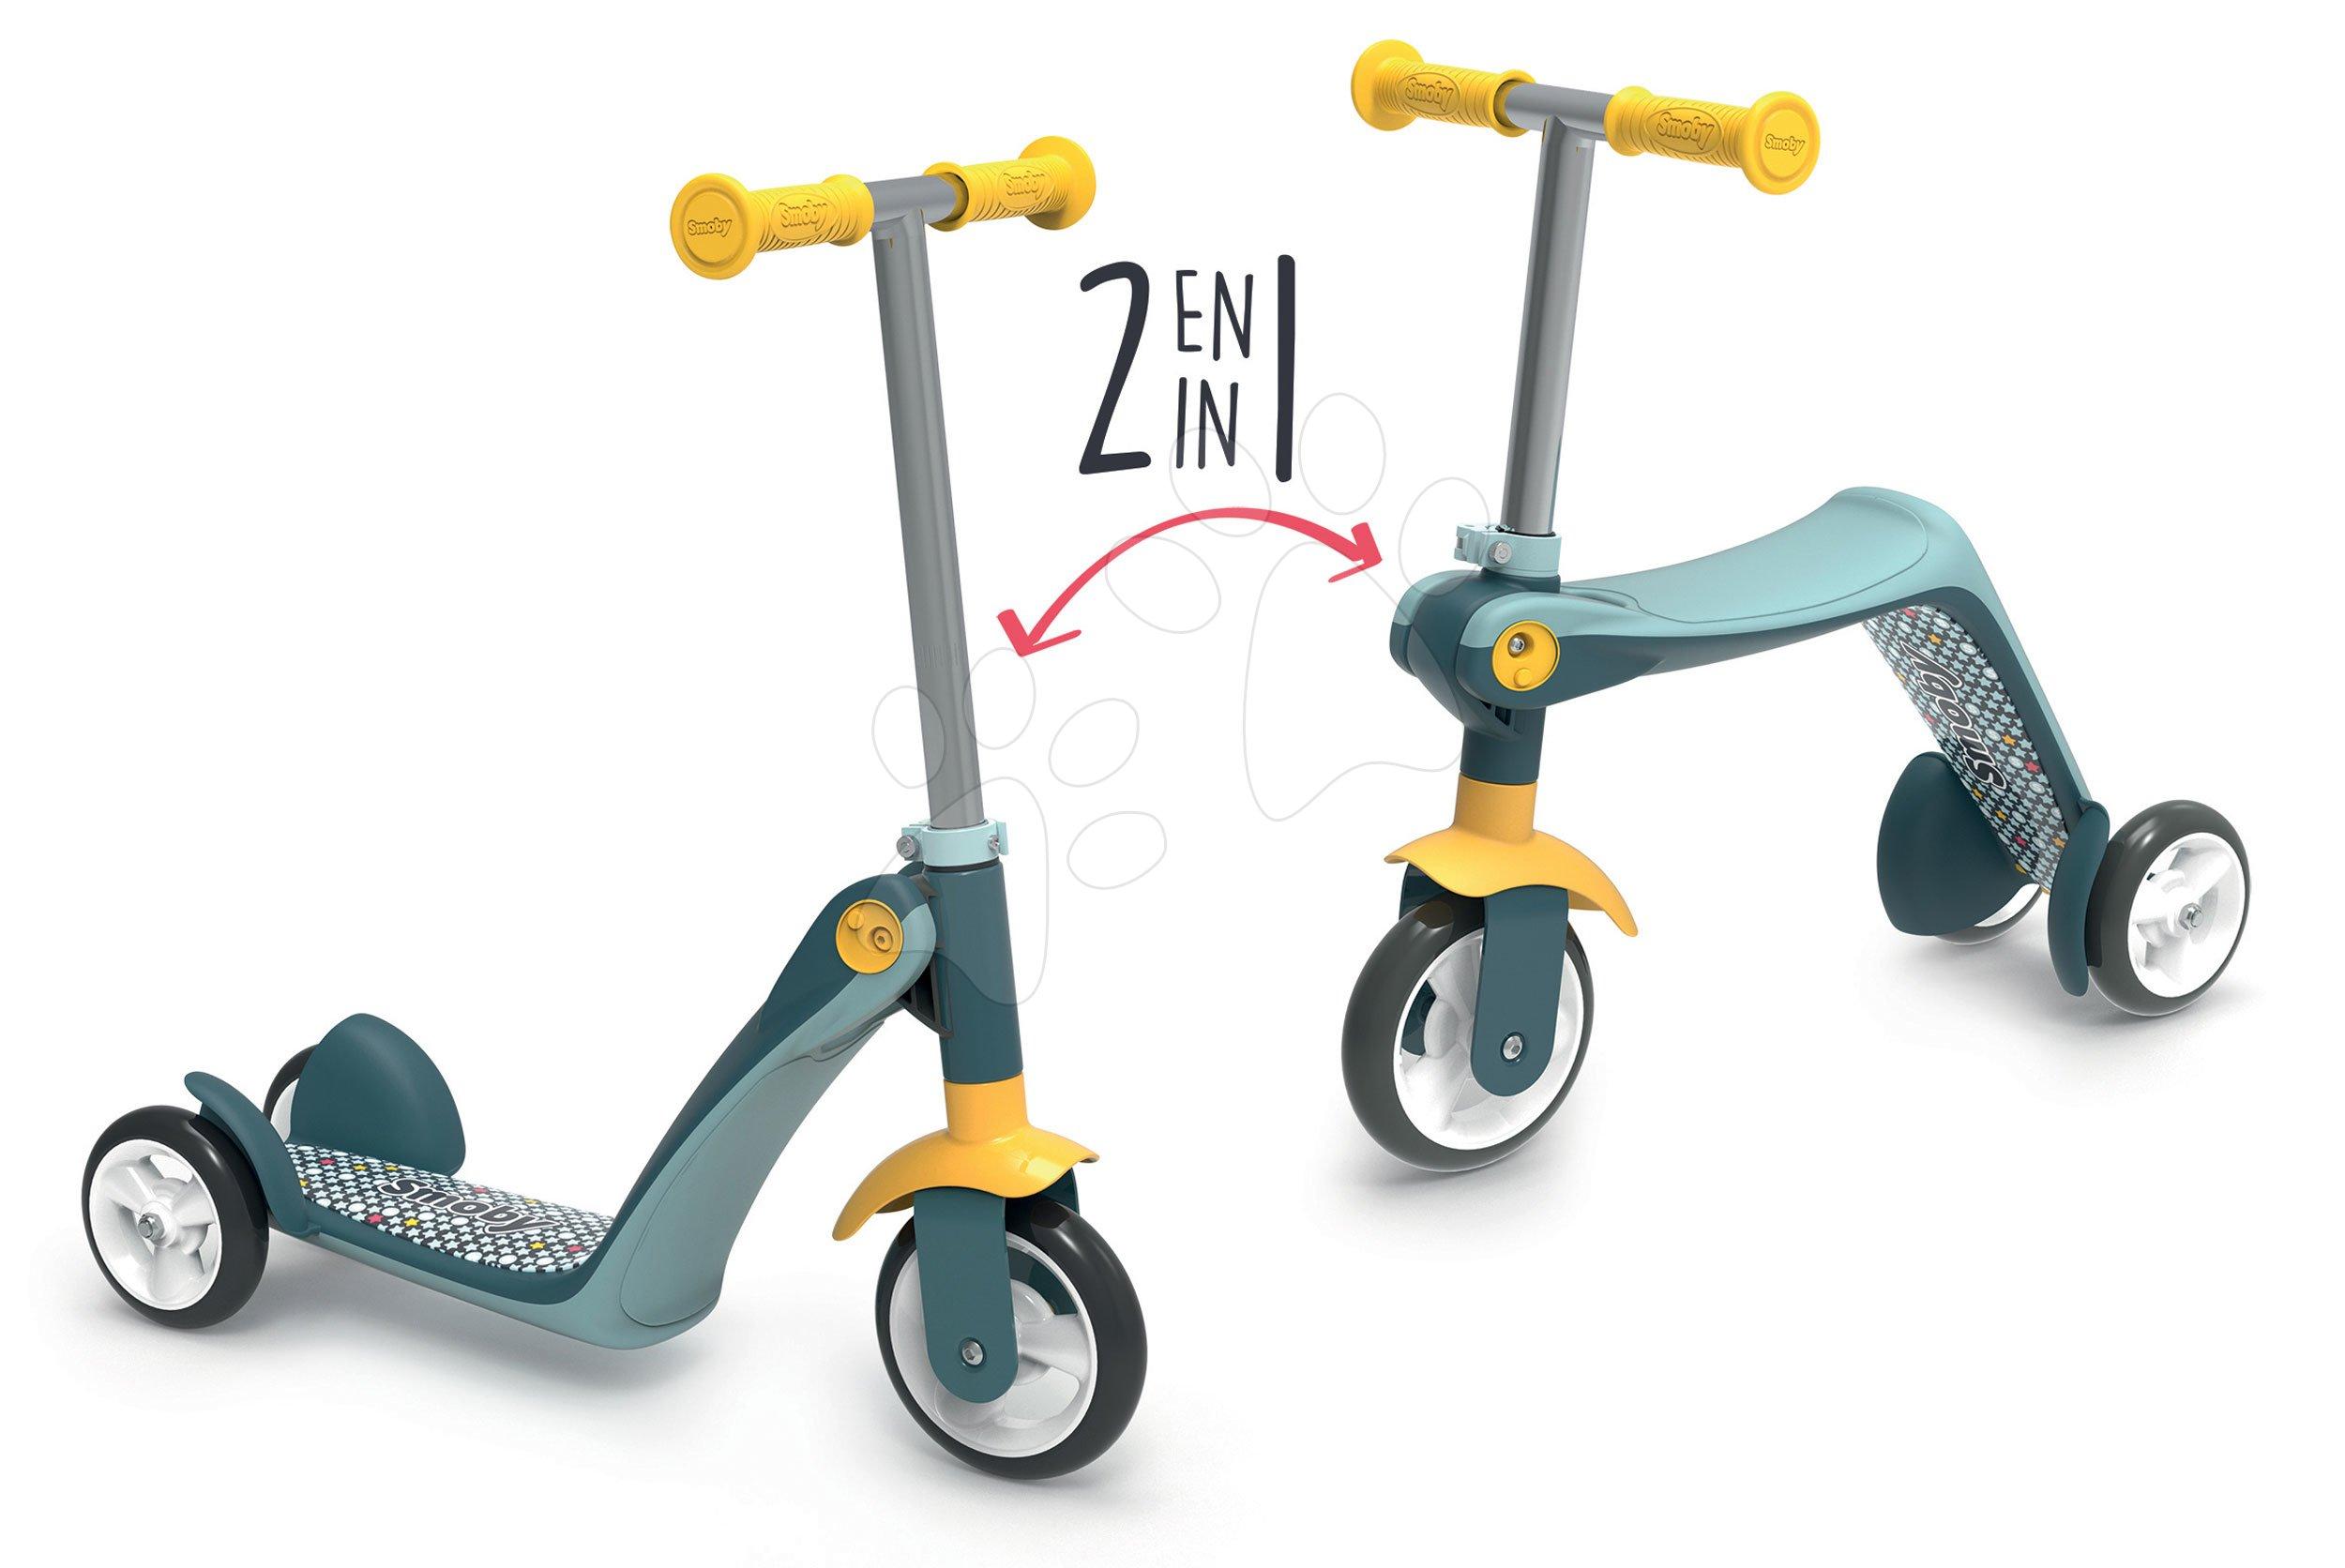 Roller&bébitaxi Reversible 2in1 Scooter Smoby háromkerekű acélszürke-sárga 53/63 cm magas kormány teherbírása 20 kg 18 hó-tól